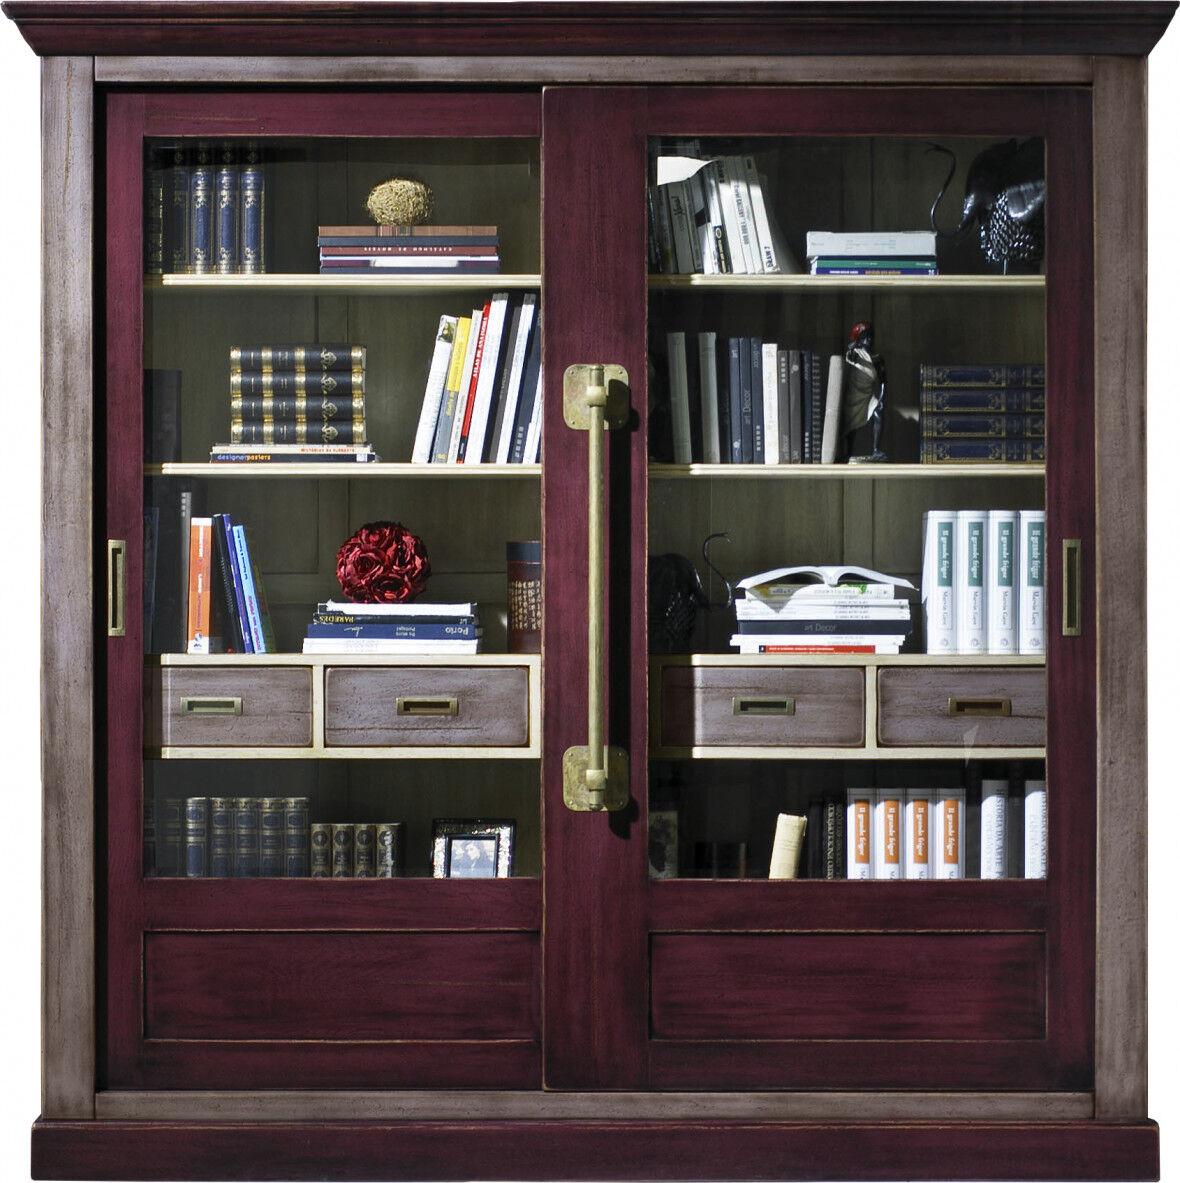 Destock Meubles Grande bibliothèque chêne massif gris et prune 2 portes coulissantes vitrées